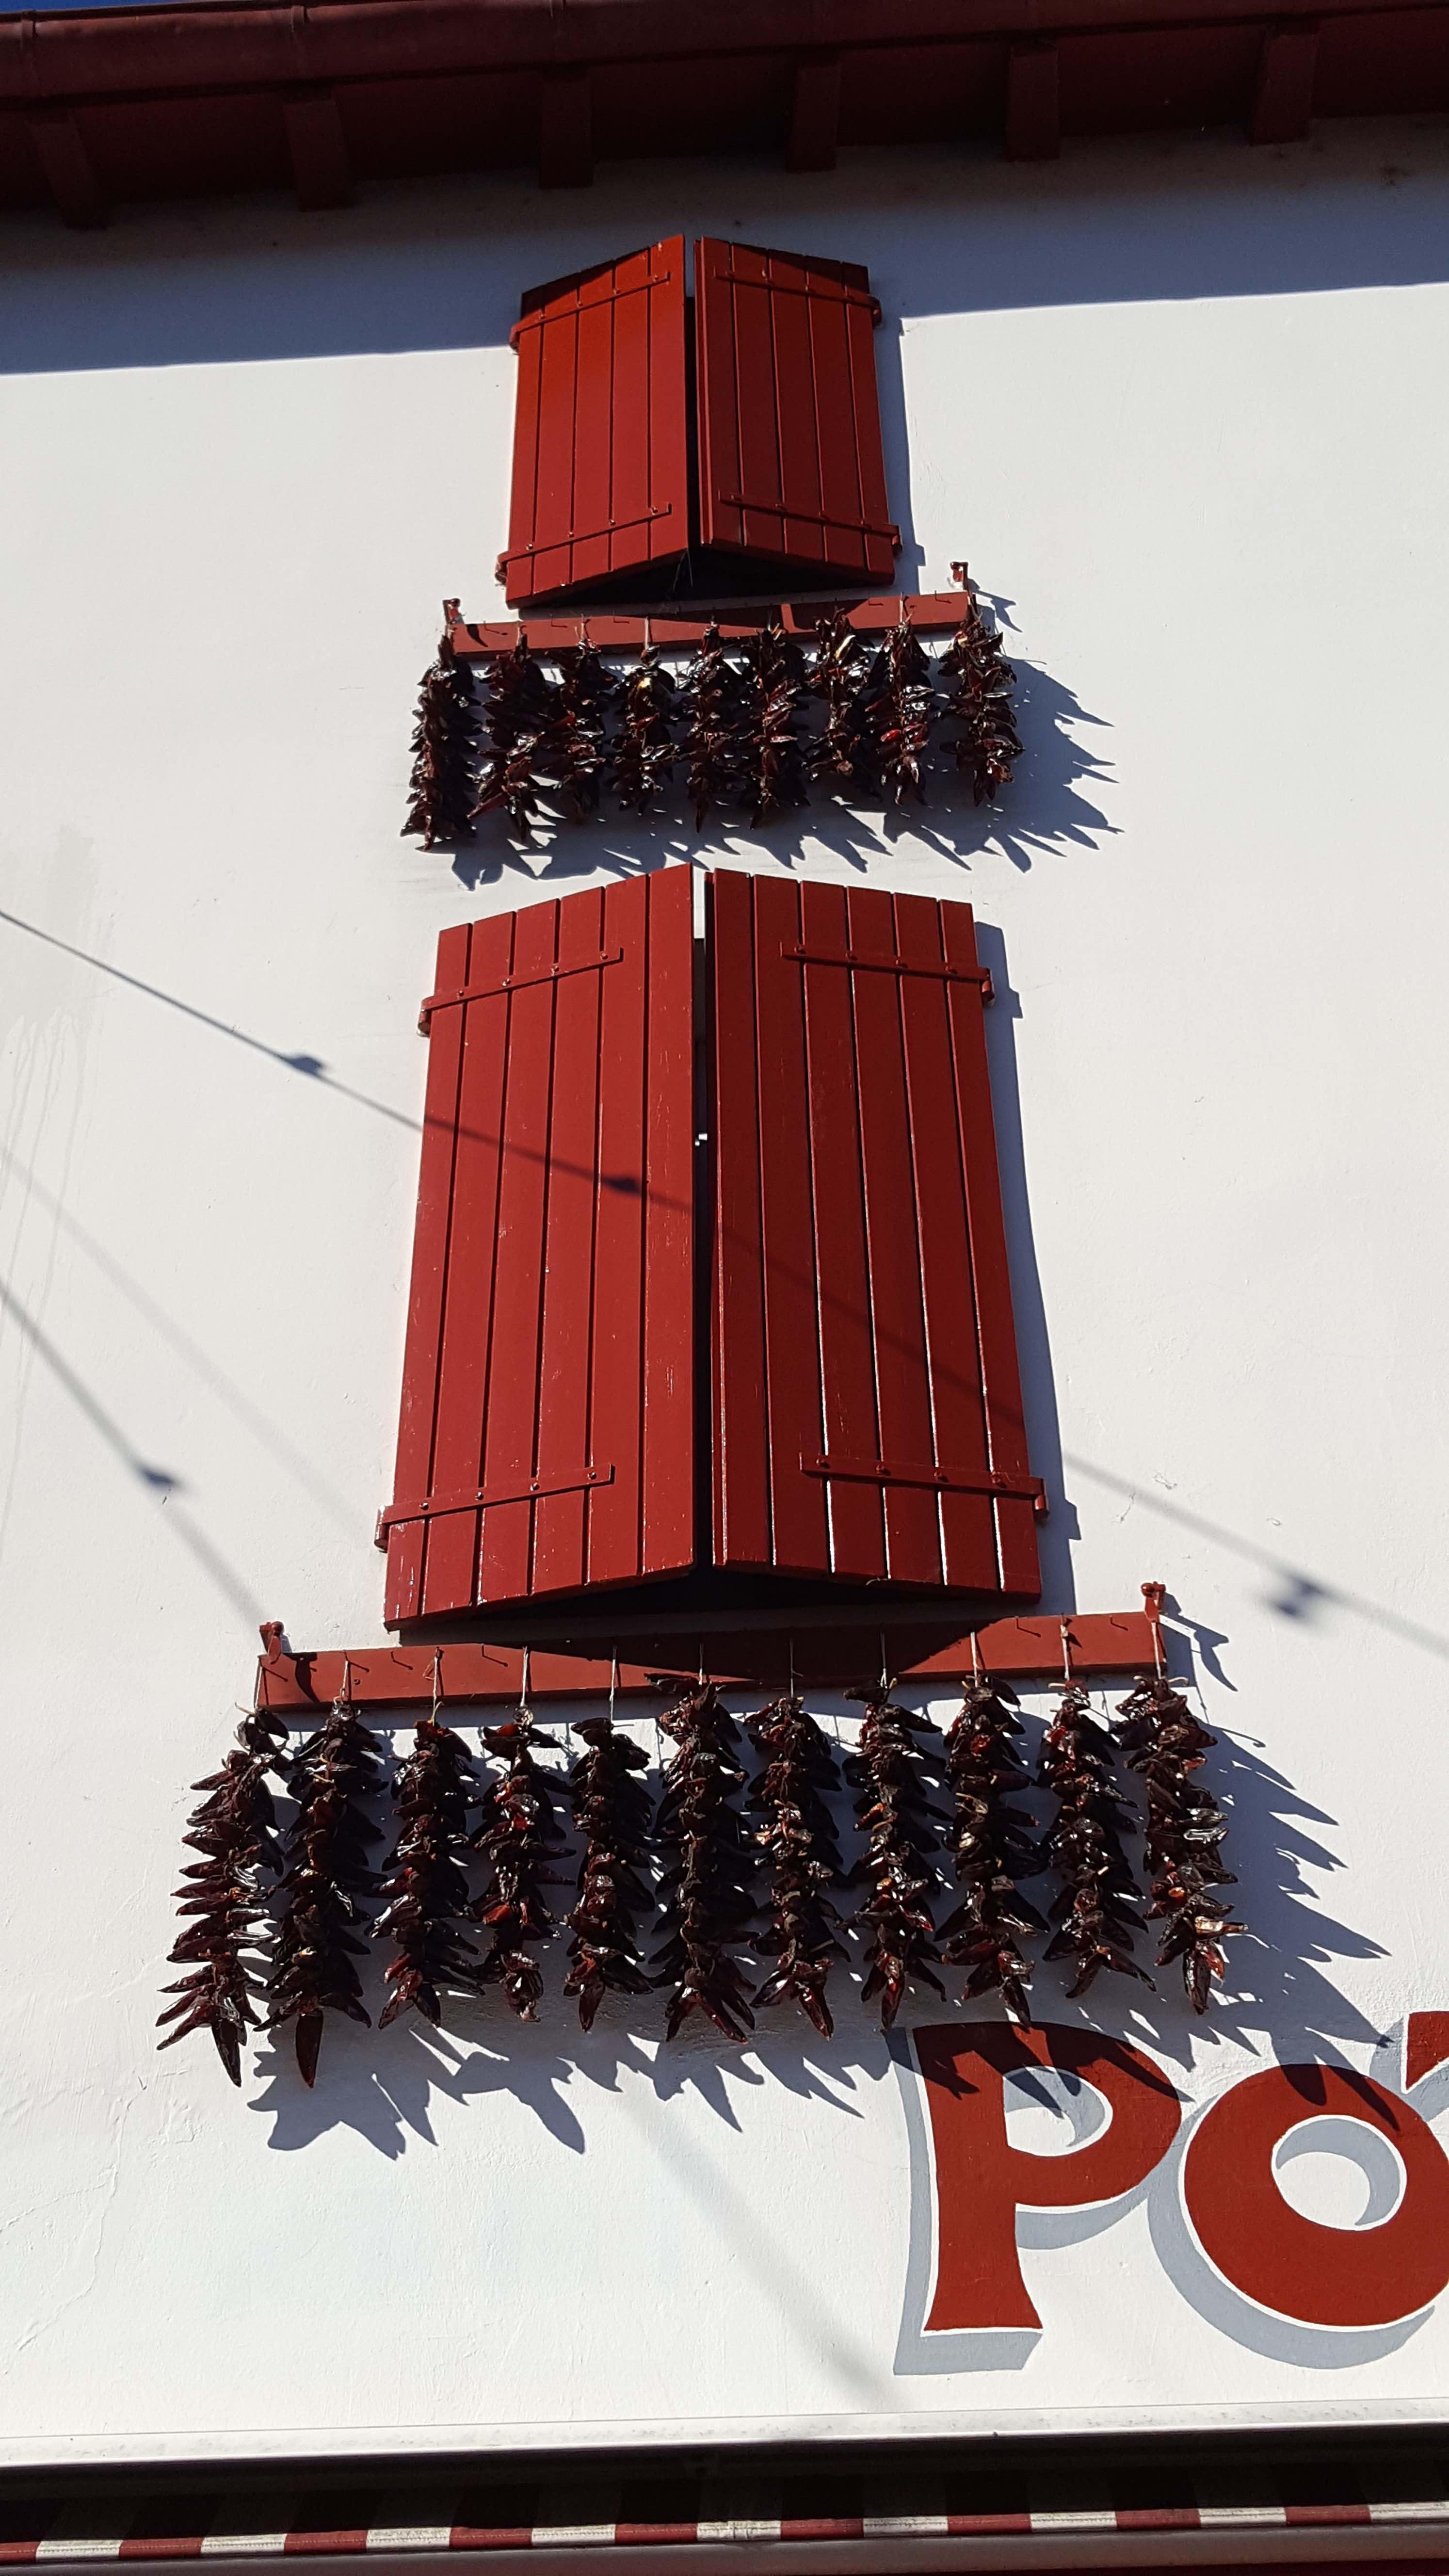 Atelier du piment - Facade corde de piment espelette